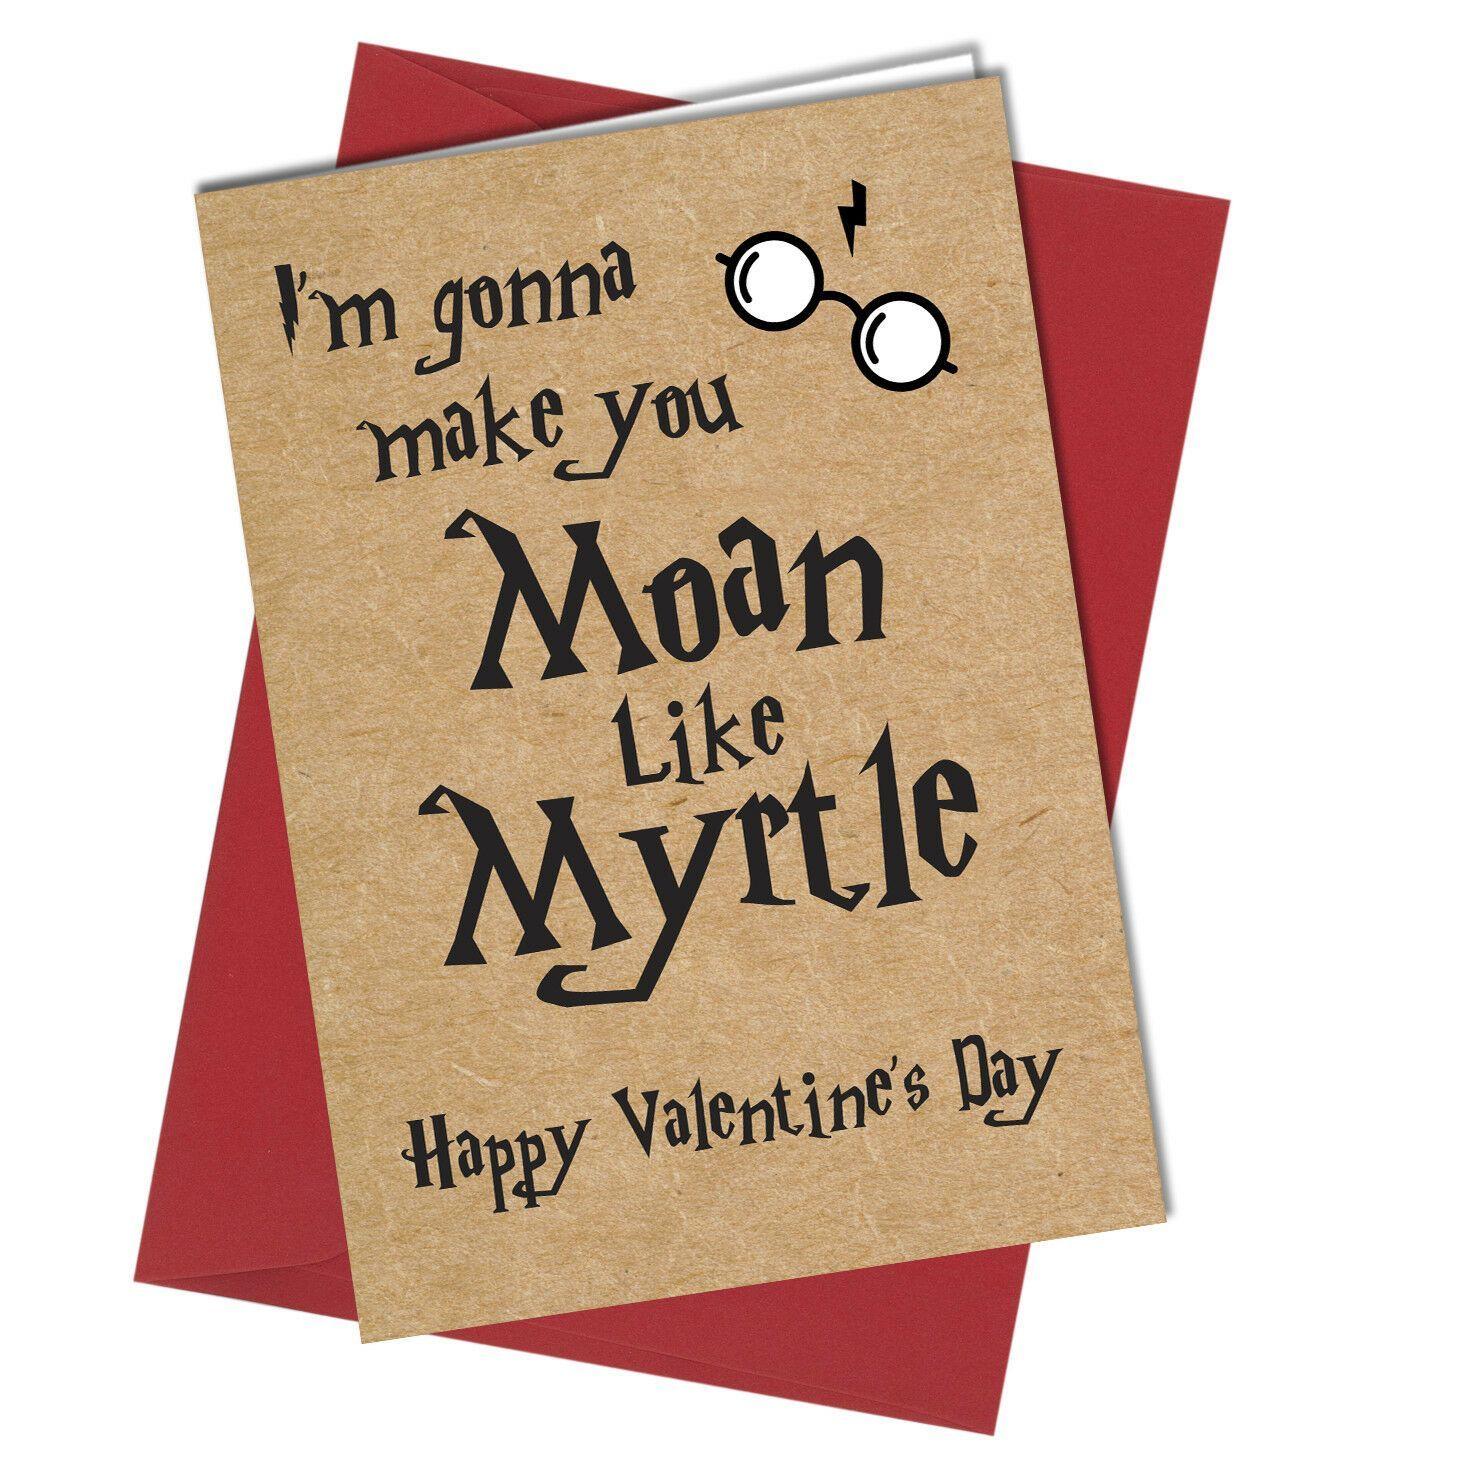 #876 Moan Like Myrtle